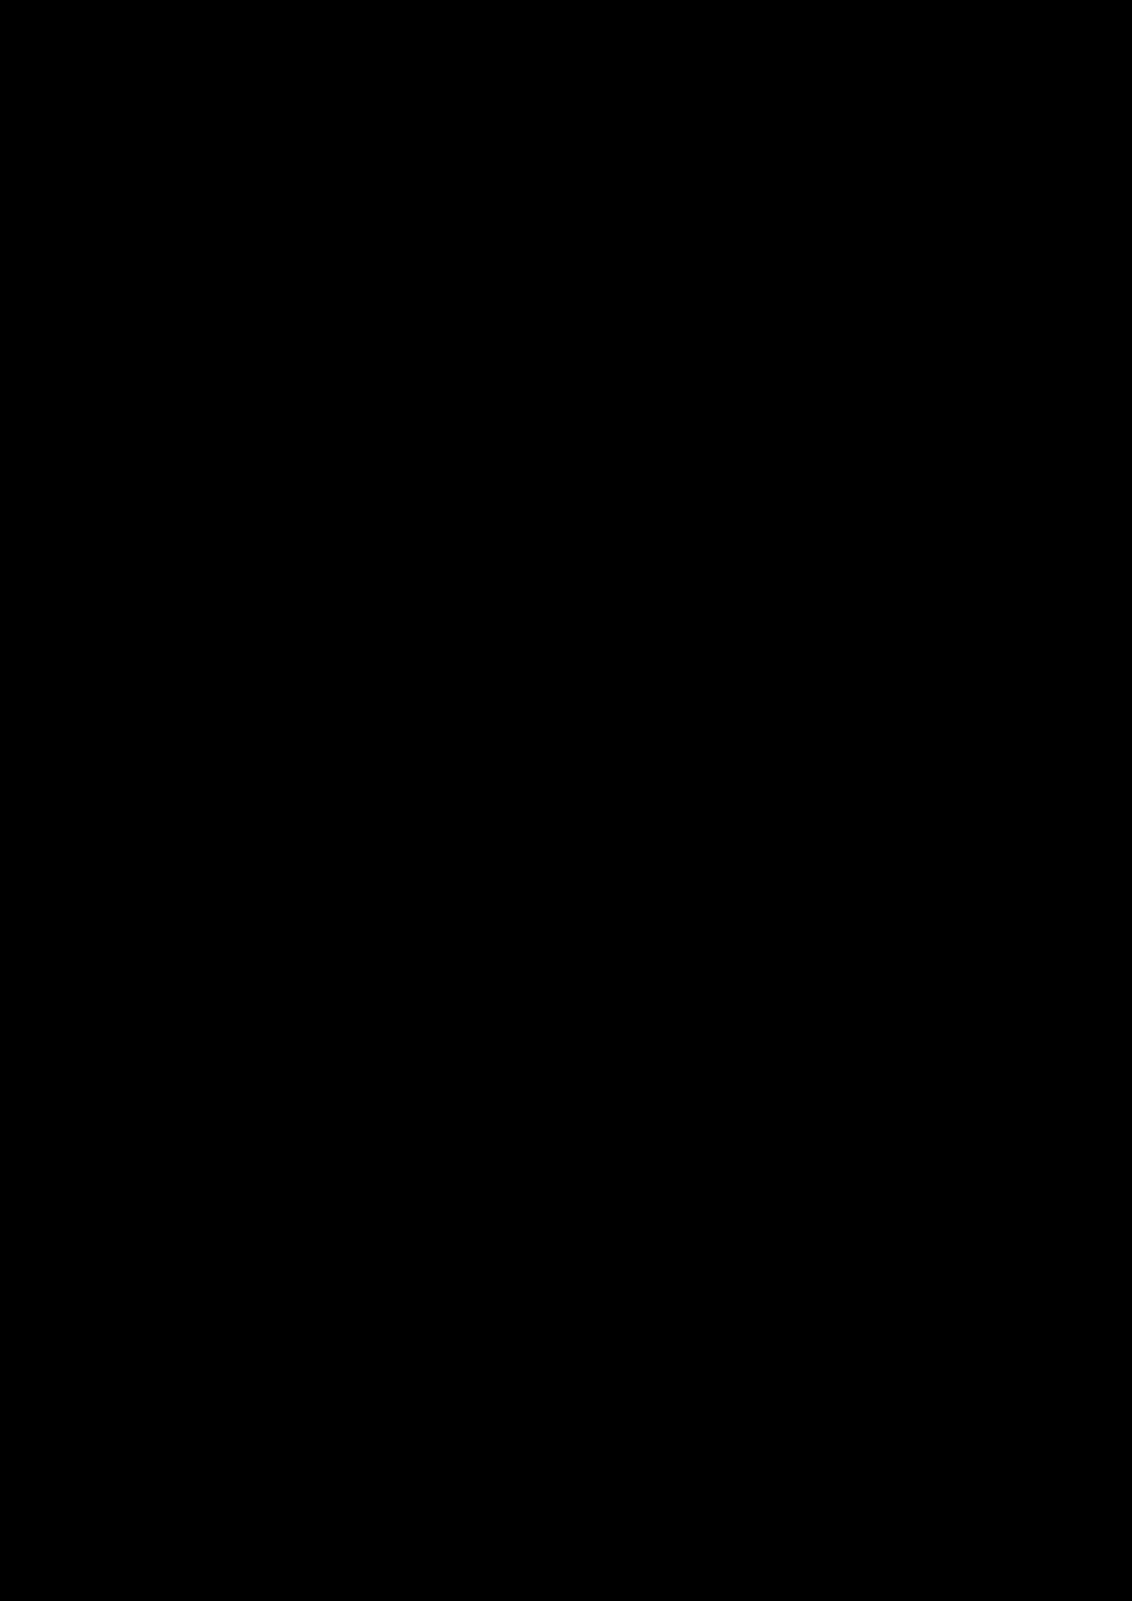 Moy samokontrol slide, Image 33